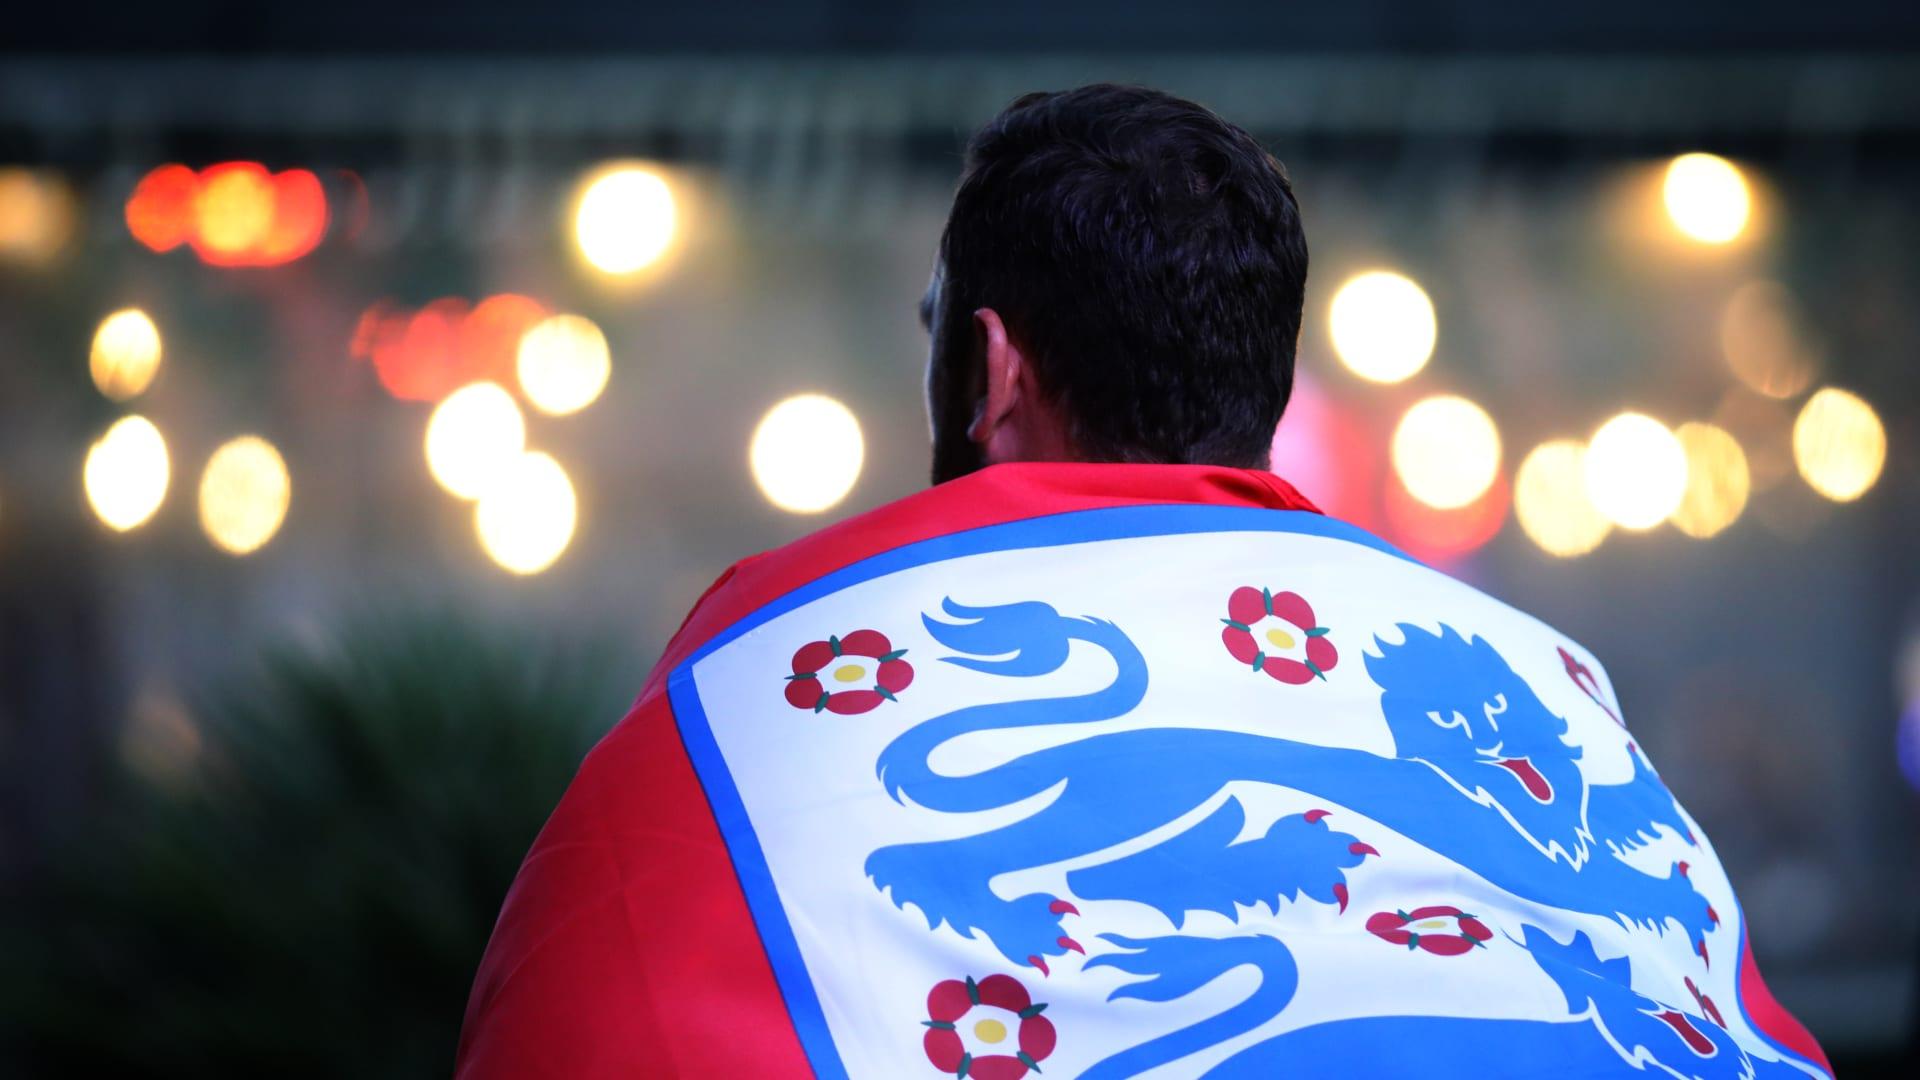 رئيس الاتحاد الأوروبي يتحدث عن نظام بطولة يورو 2020: لن نطبقه مجددا